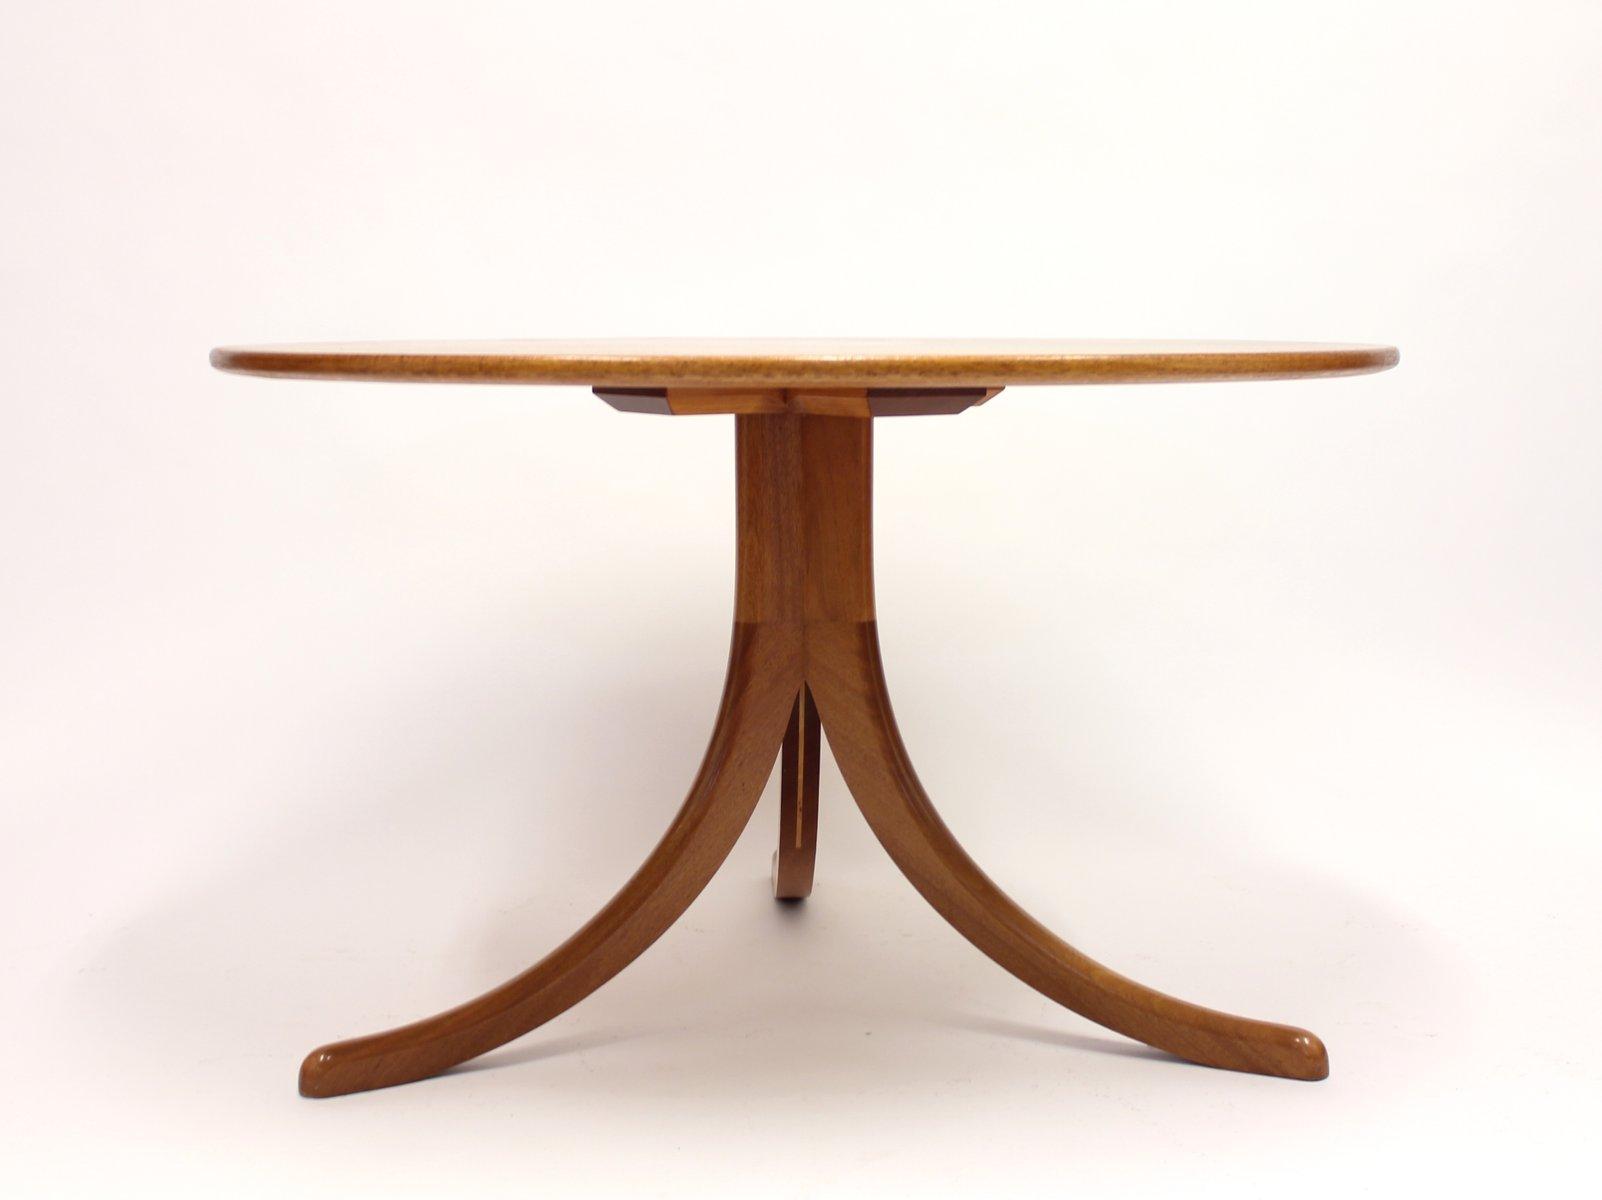 1020 Pyramid Mahogany Sofa Table By Josef Frank For